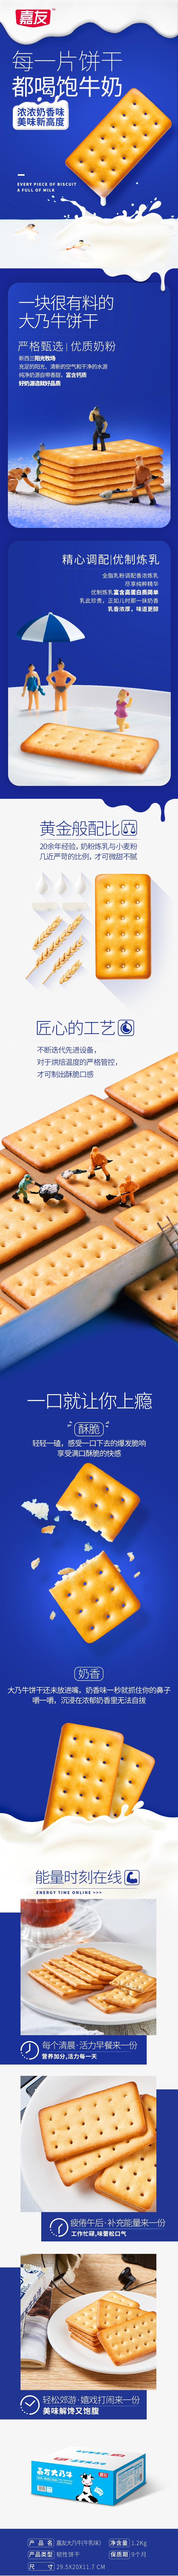 嘉友大乃牛牛乳味饼干1.2kg整箱